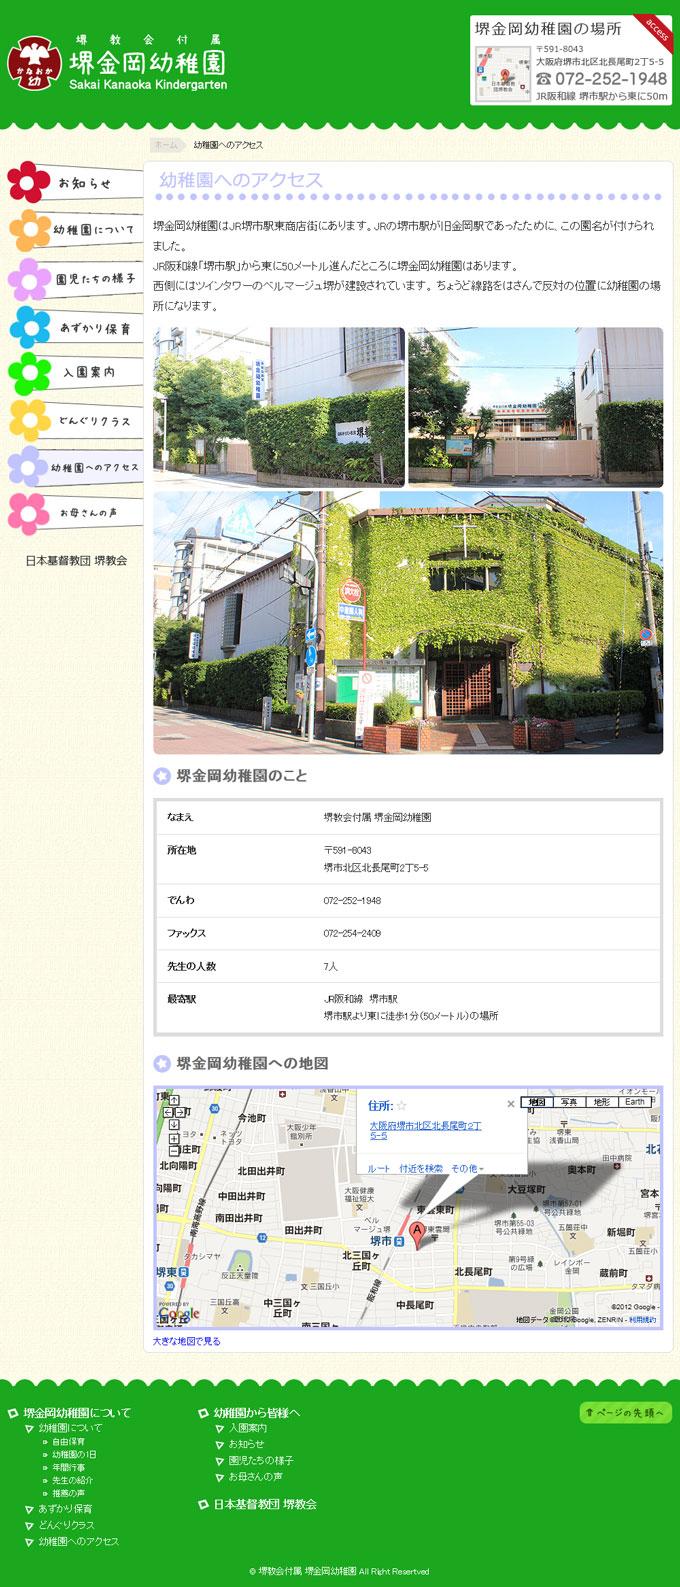 堺金岡幼稚園 アクセスページ